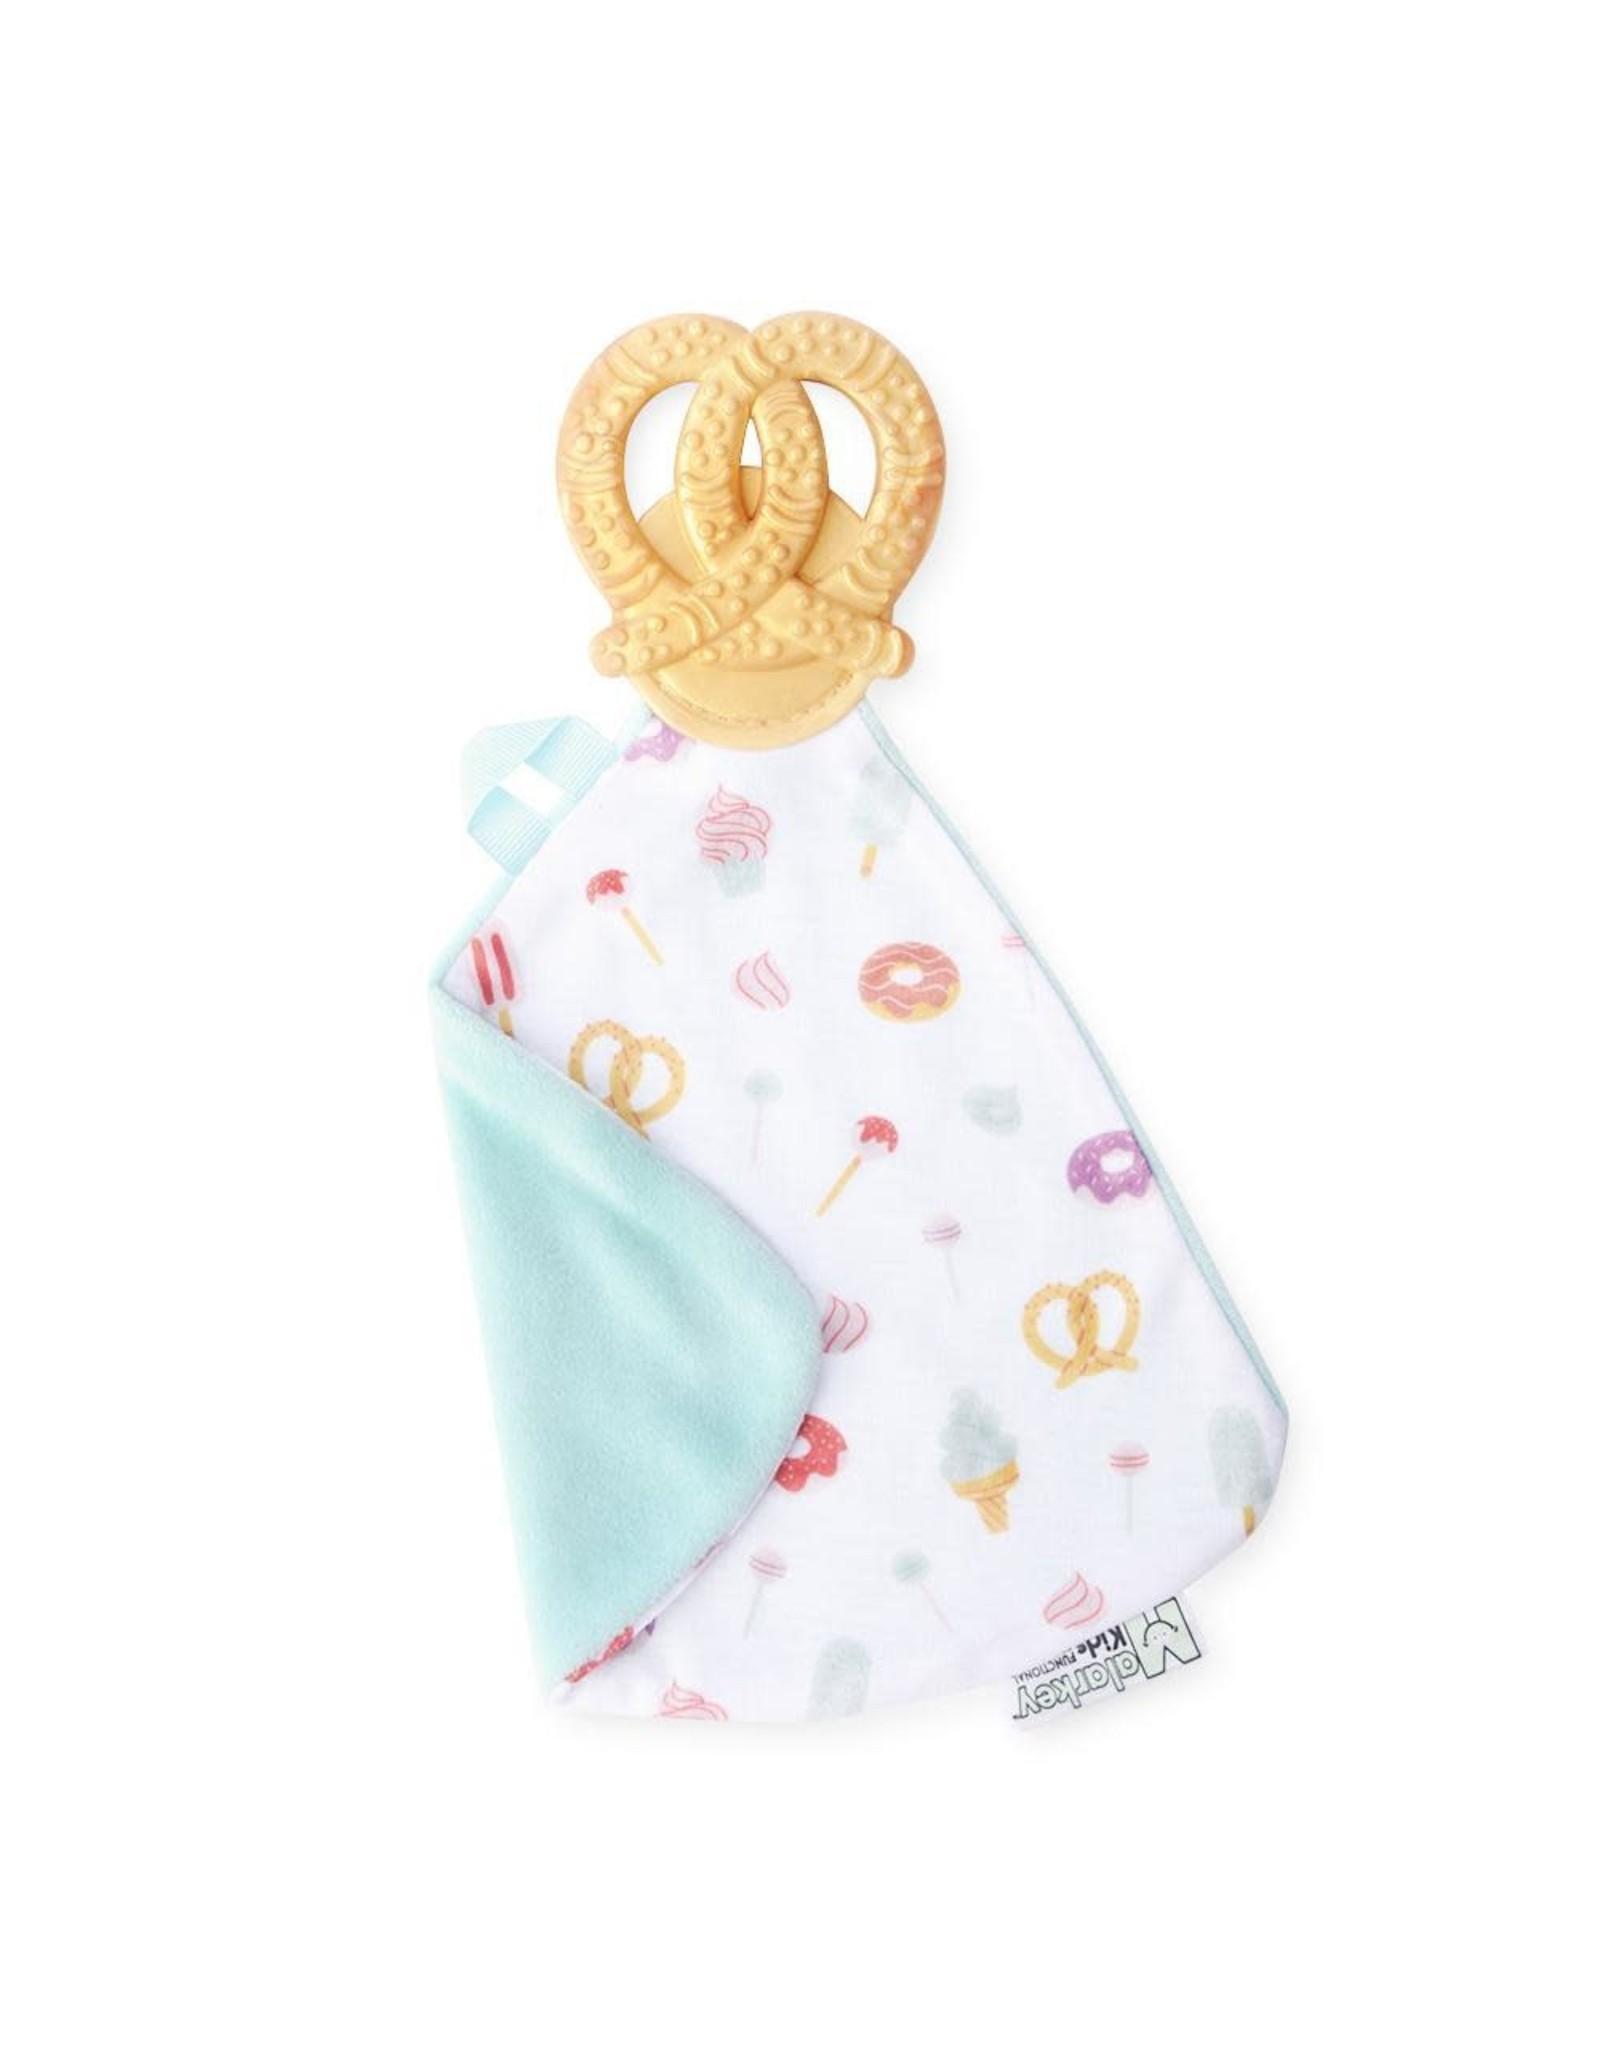 Malarkey Kids Malarkey Kids- Munch It Blanket: Sweet & Salty